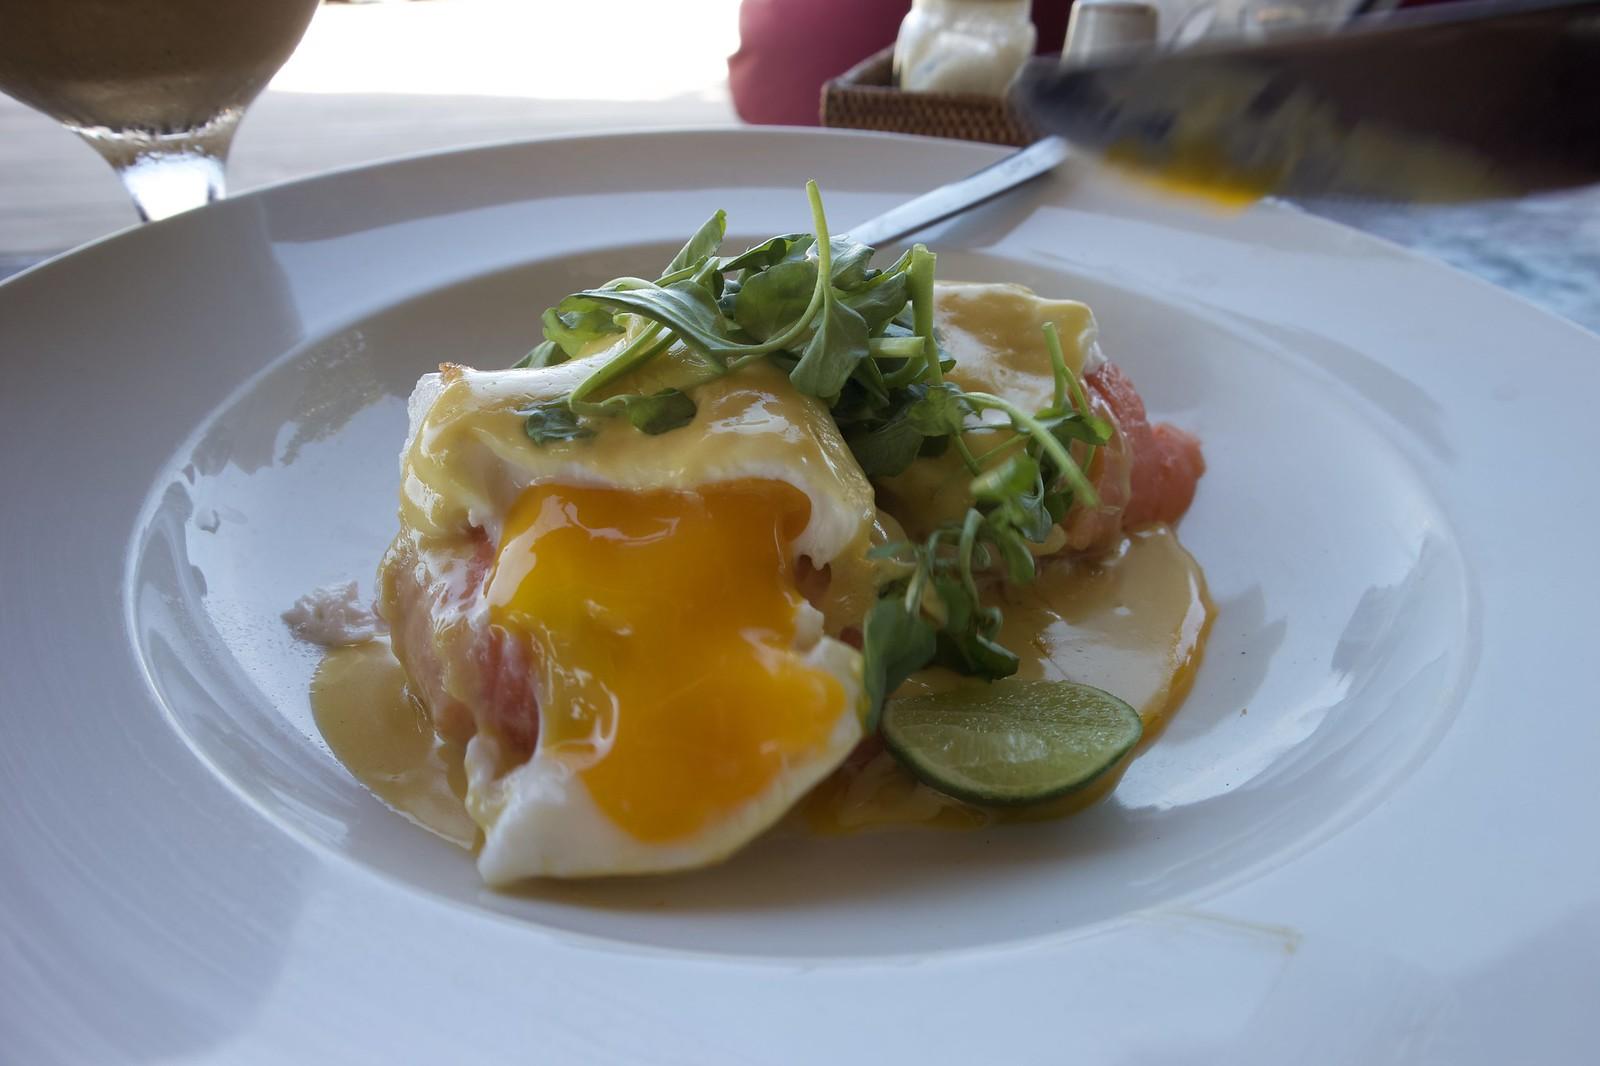 Mowies eggs benedict